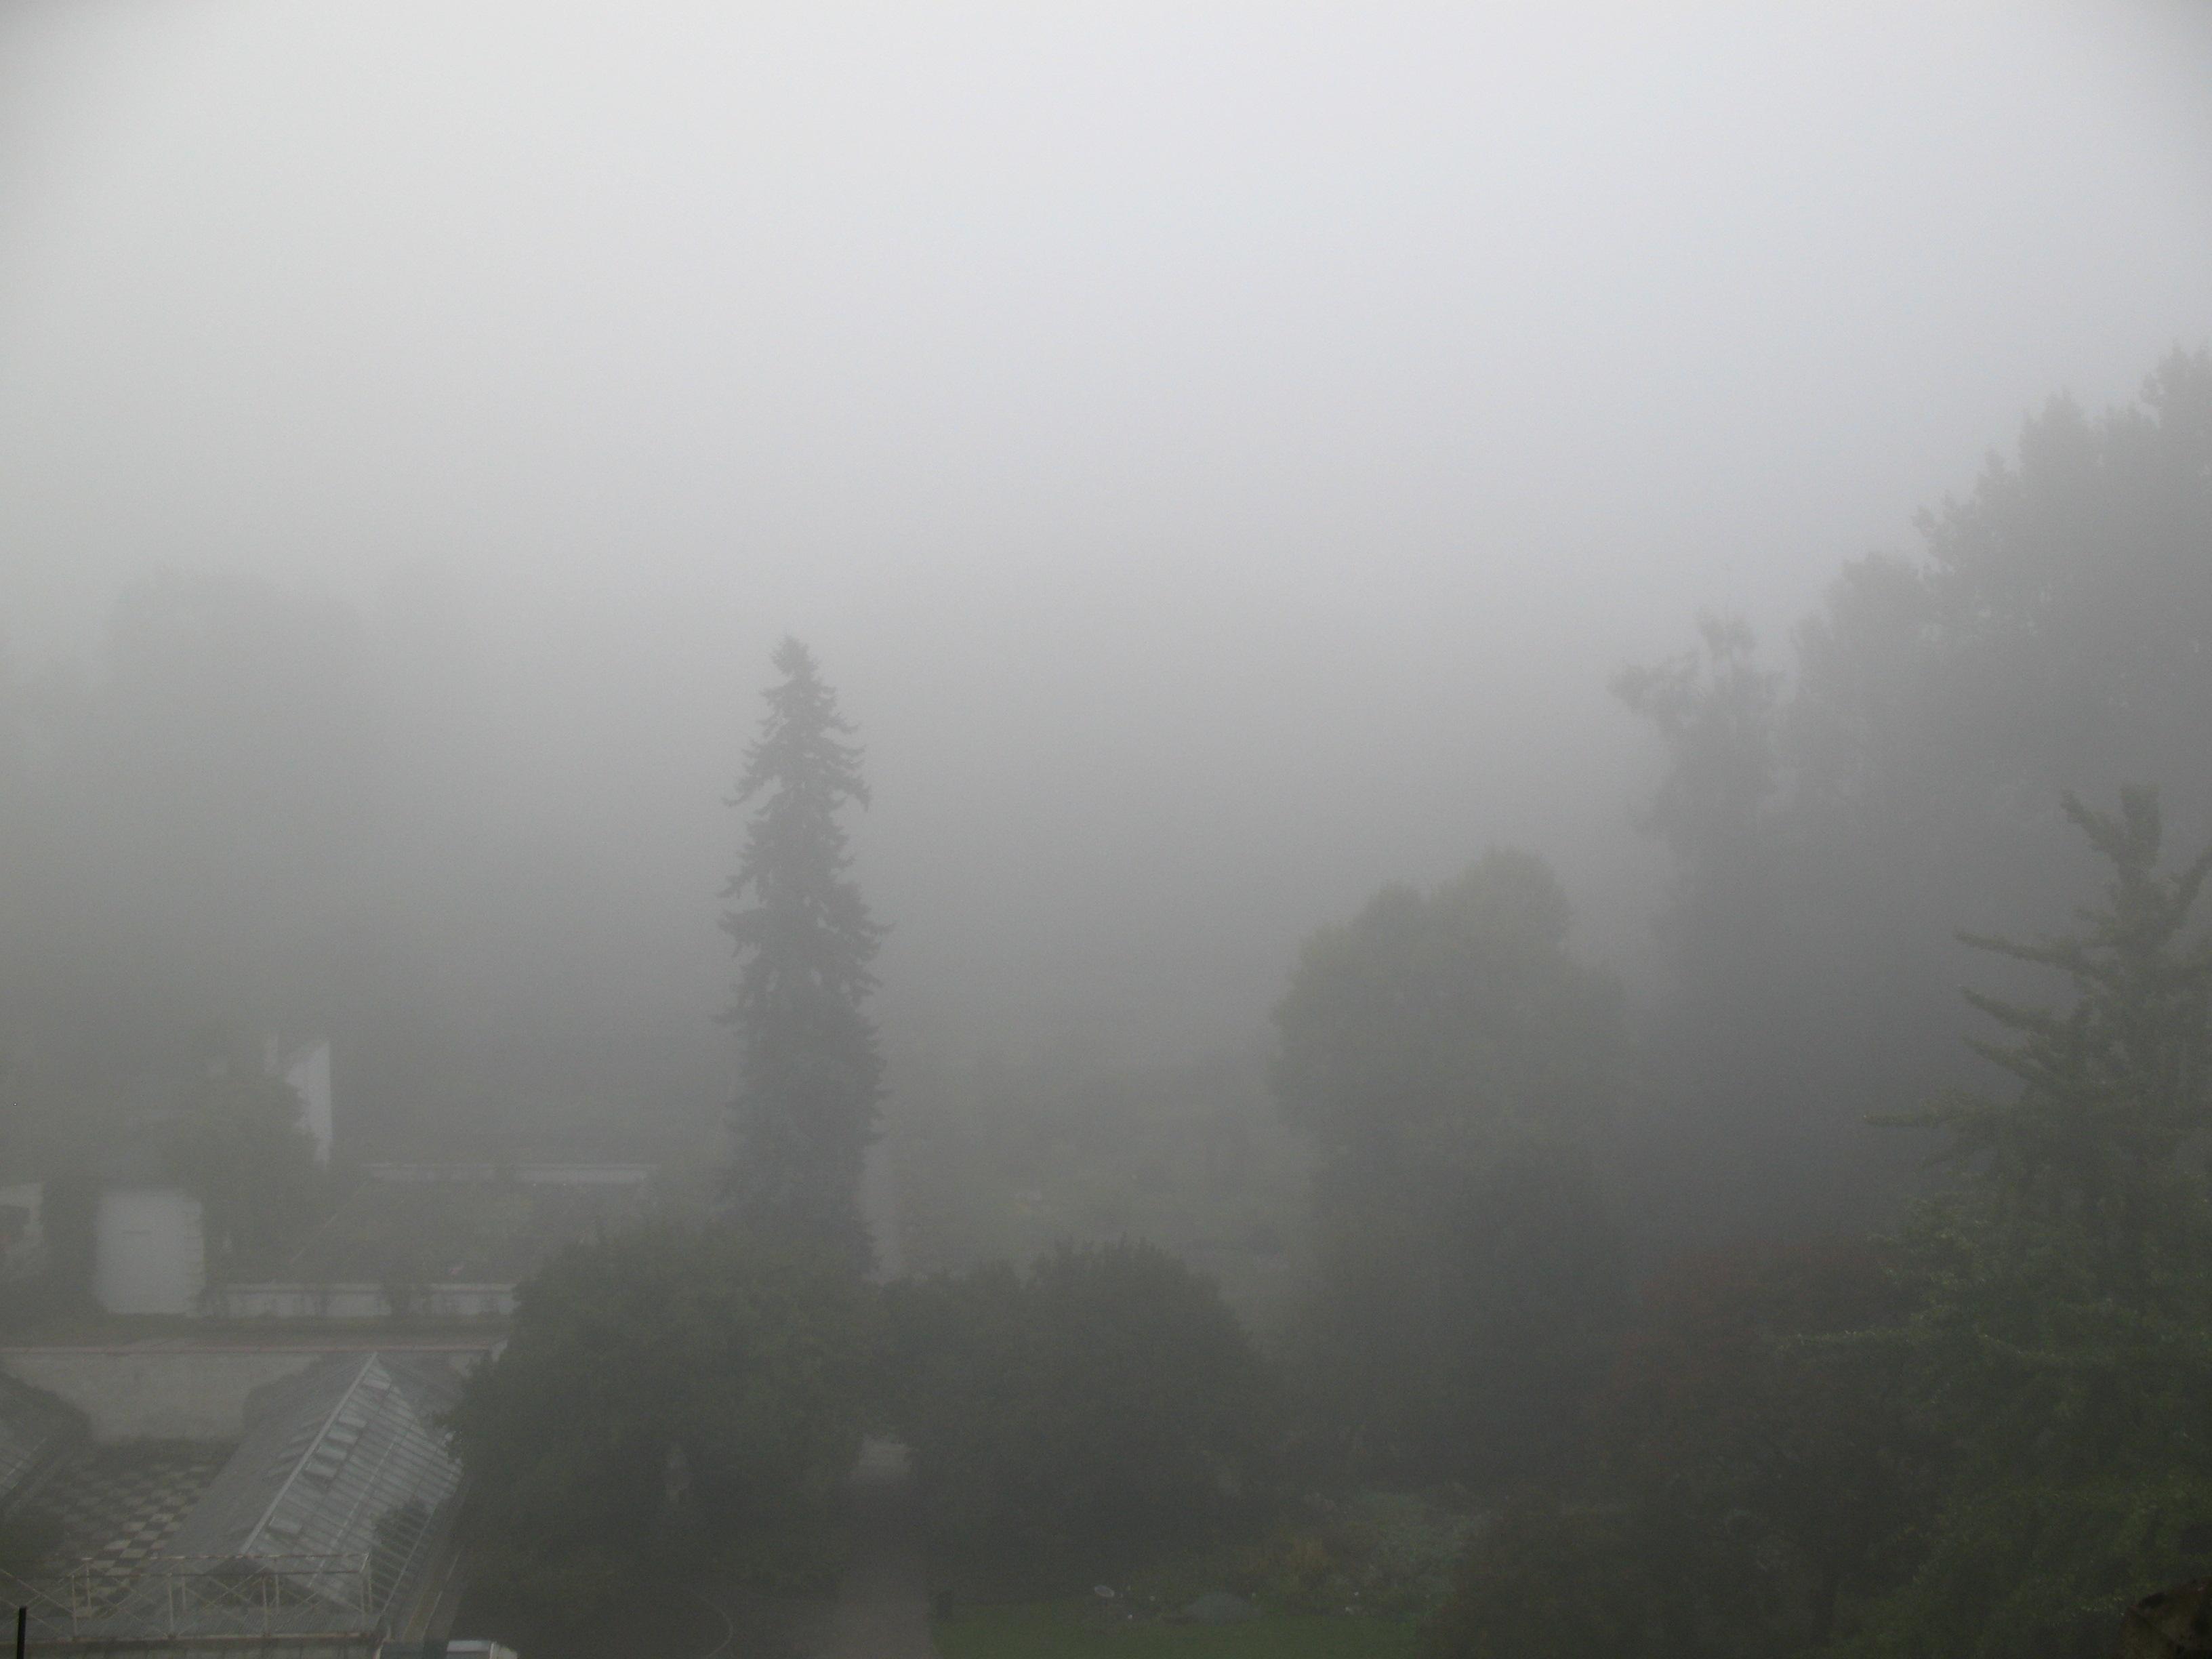 Mgła ograniczająca widzialność poziomą do 200 metrów (Kraków, Stacja Naukowa Zakładu Klimatologii UJ, fot. S. Wypych)